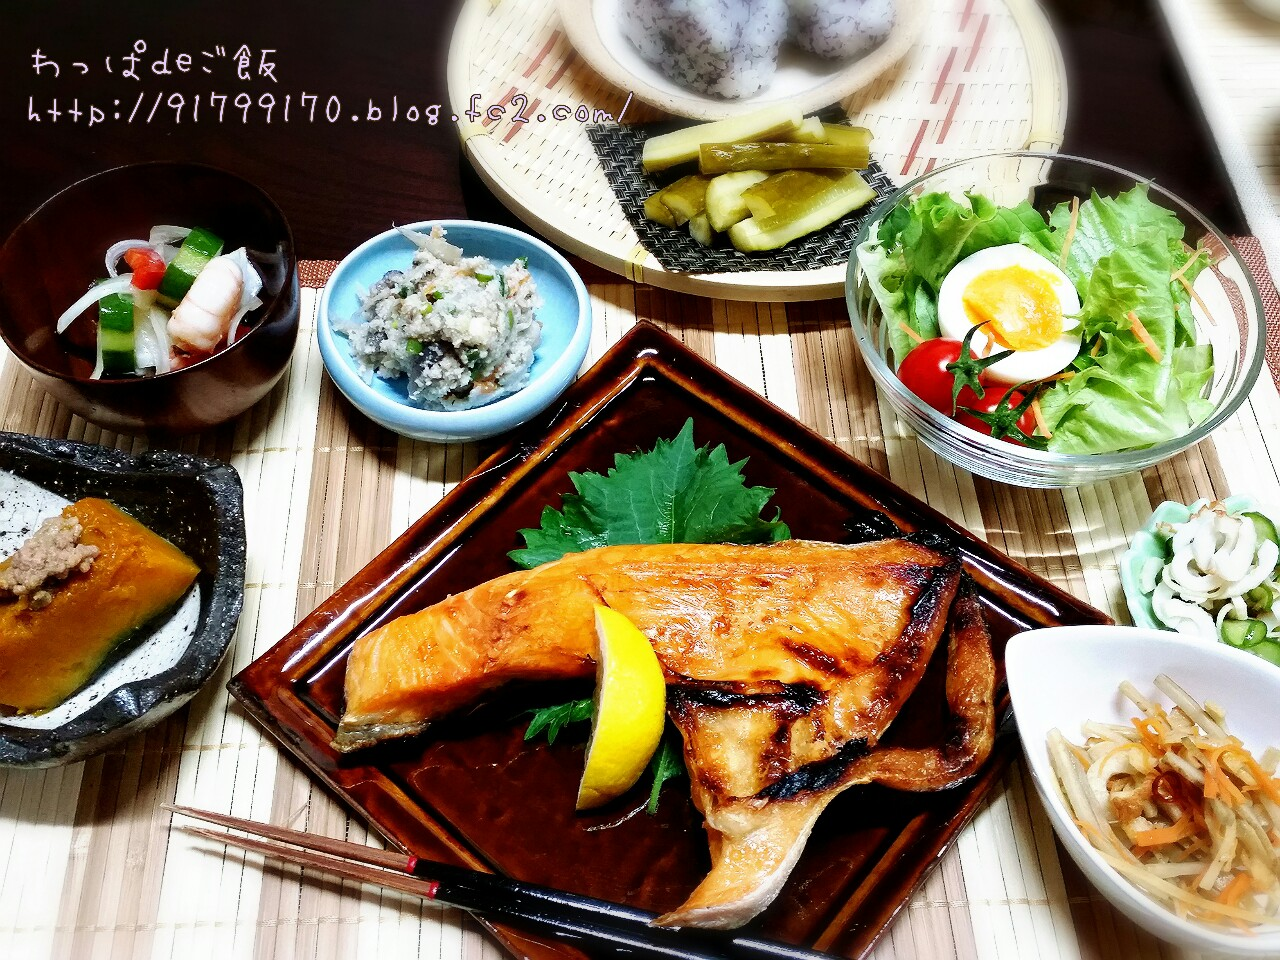 節約料理の鮭のカマ焼き